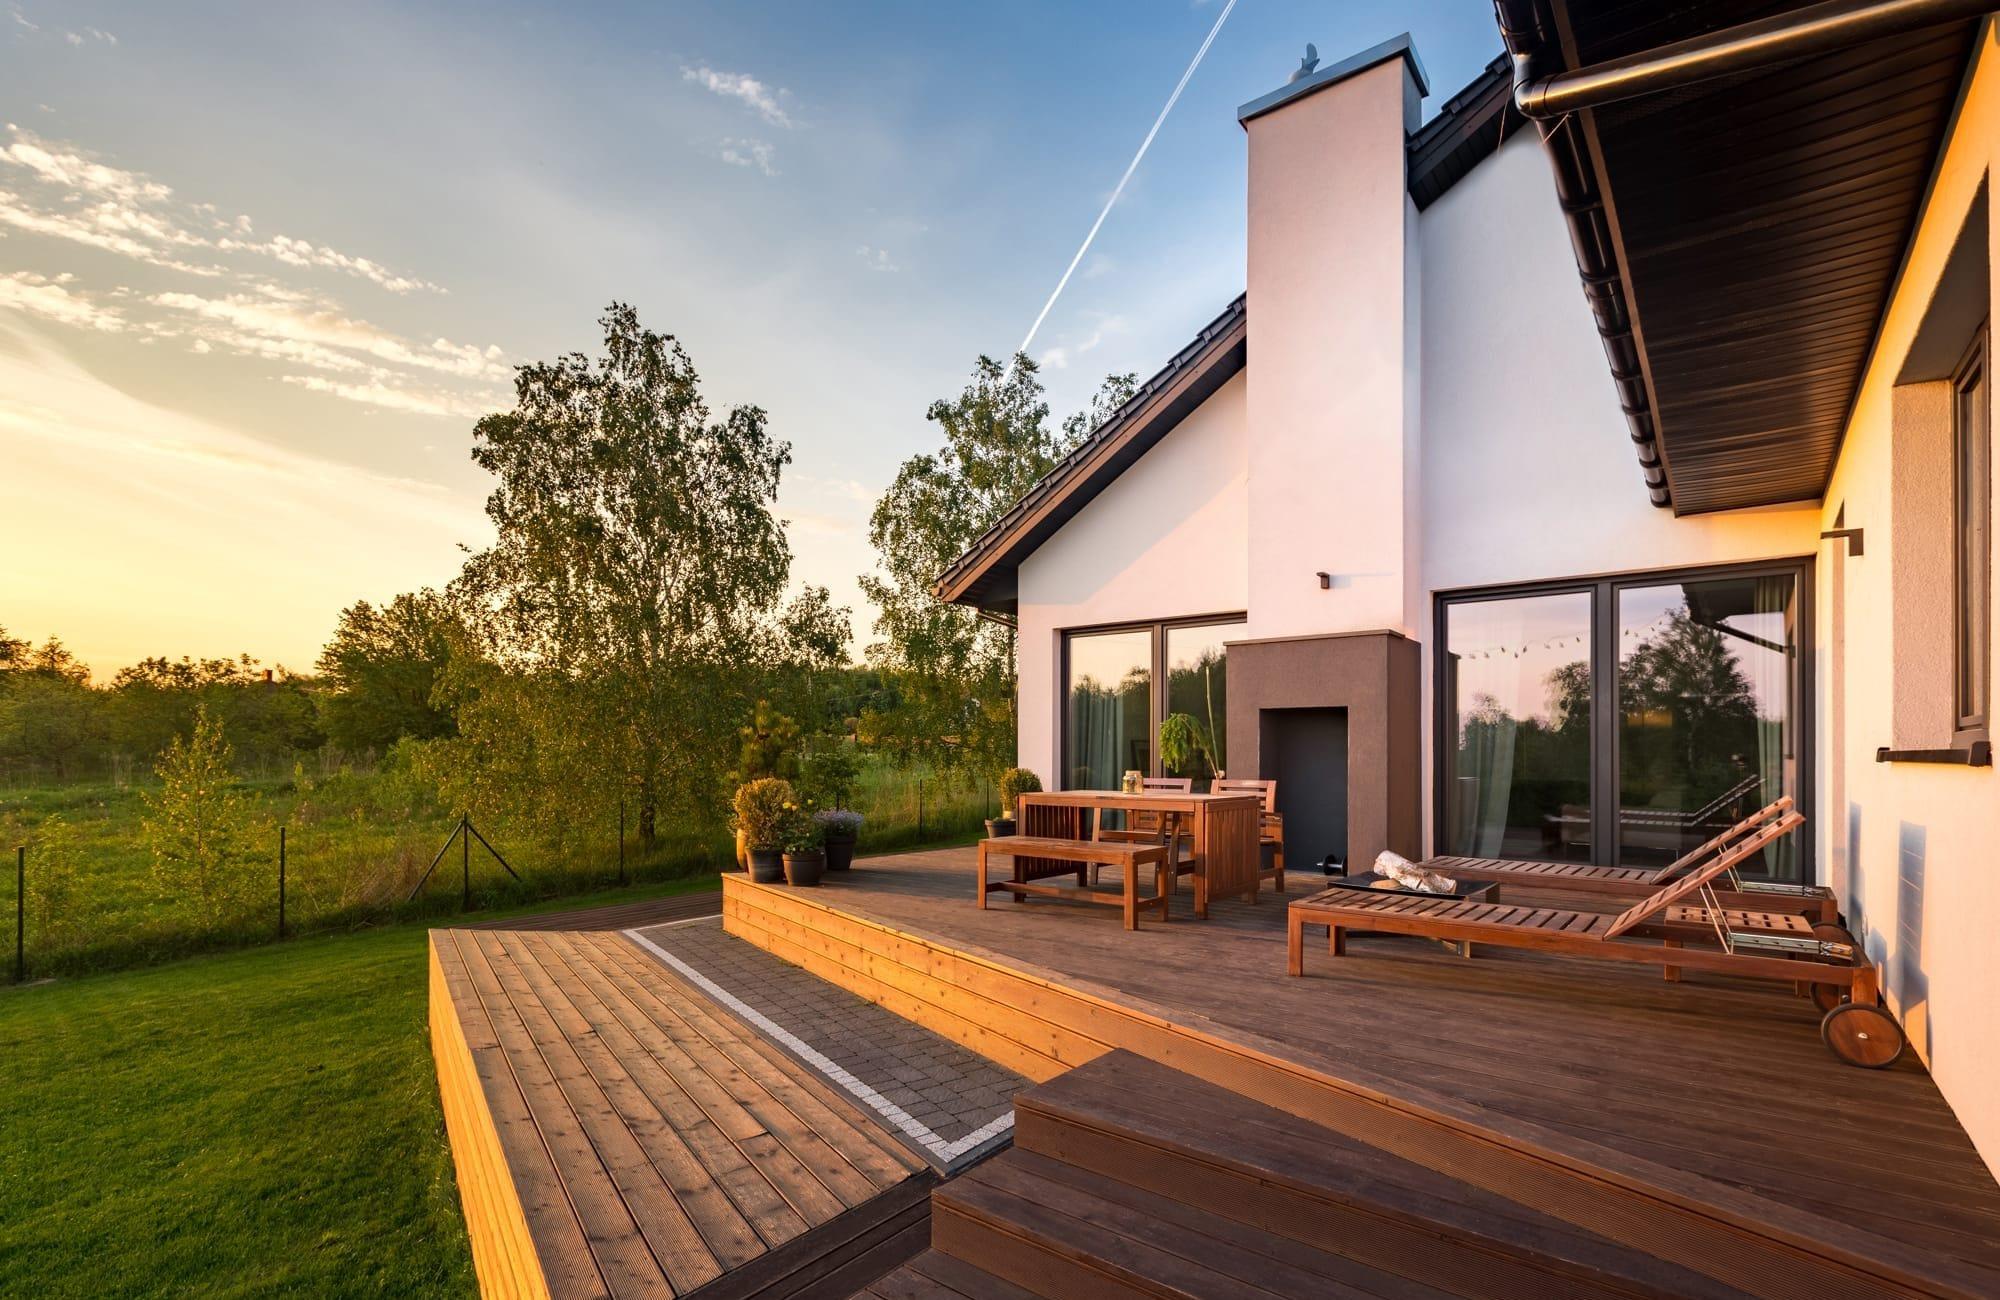 Schönes Haus mit Garten zur Darstellung der Arbeit eines Maklers